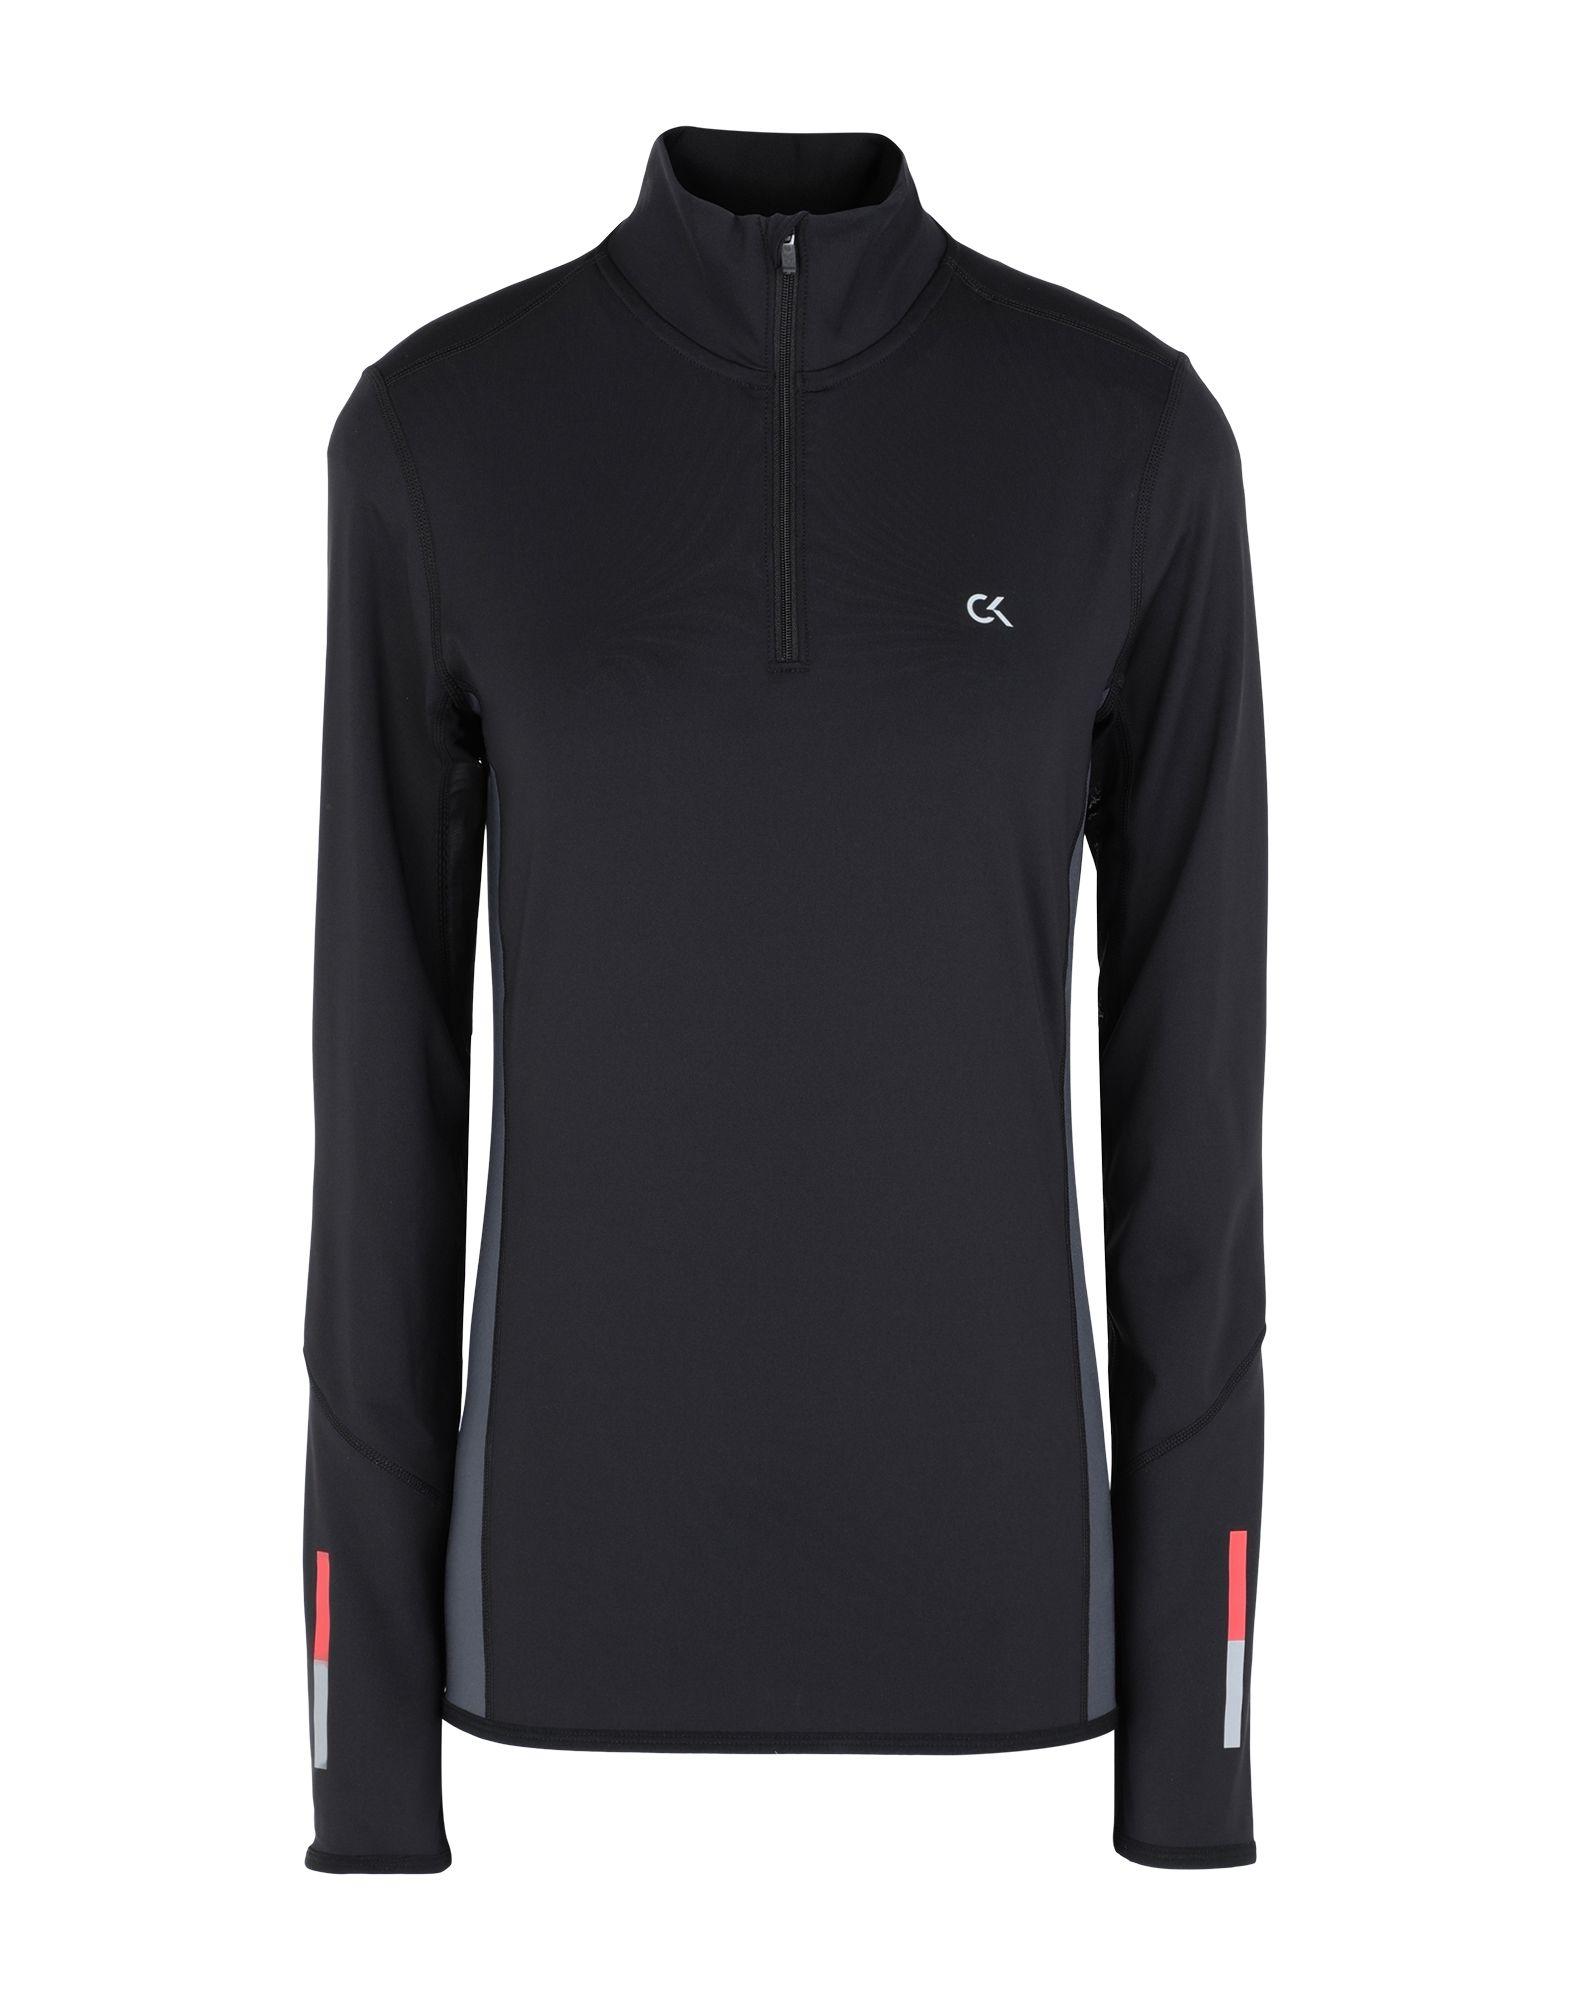 《セール開催中》CALVIN KLEIN PERFORMANCE レディース T シャツ ブラック XS ポリエステル 79% / ポリウレタン 21% GALAXY BEST